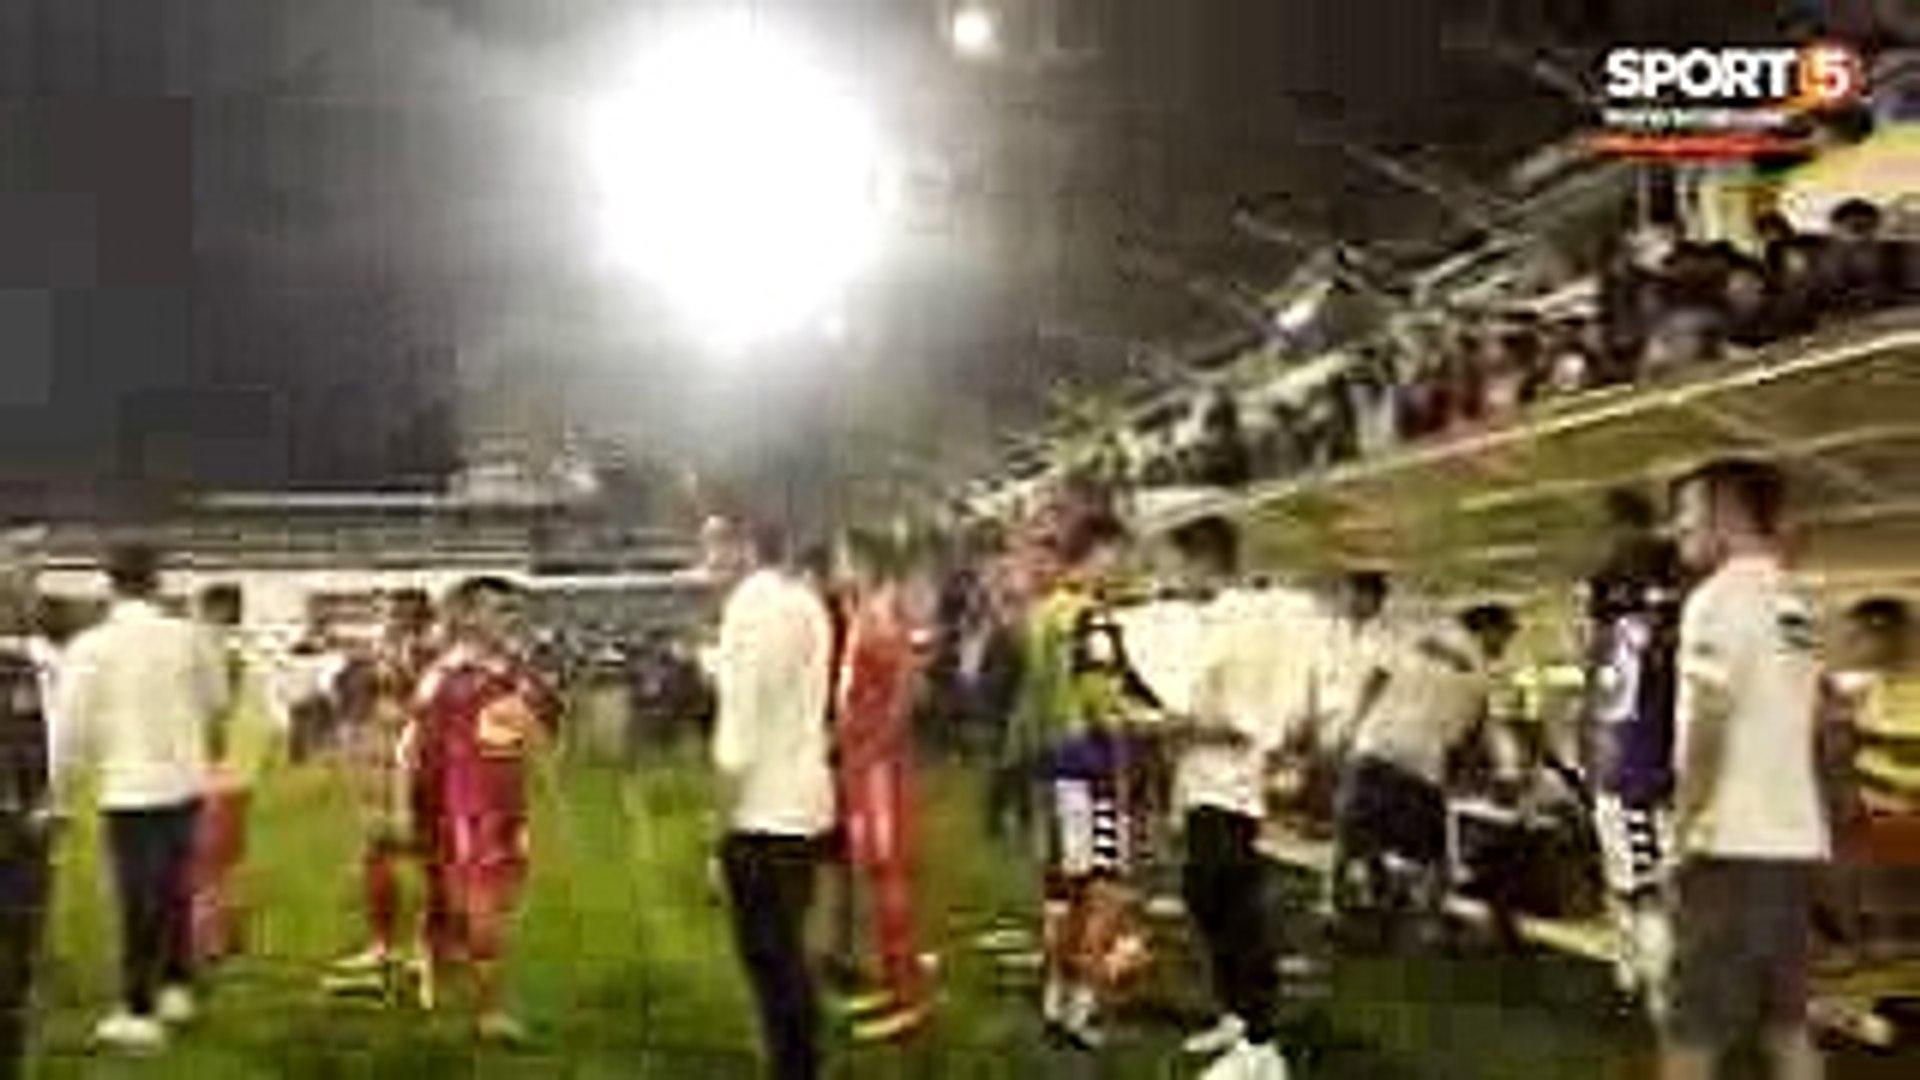 Xuân Trường diện sơ mi trắng động viên cầu thủ HAGL sau trận thua 3-5 trước Hà Nội FC